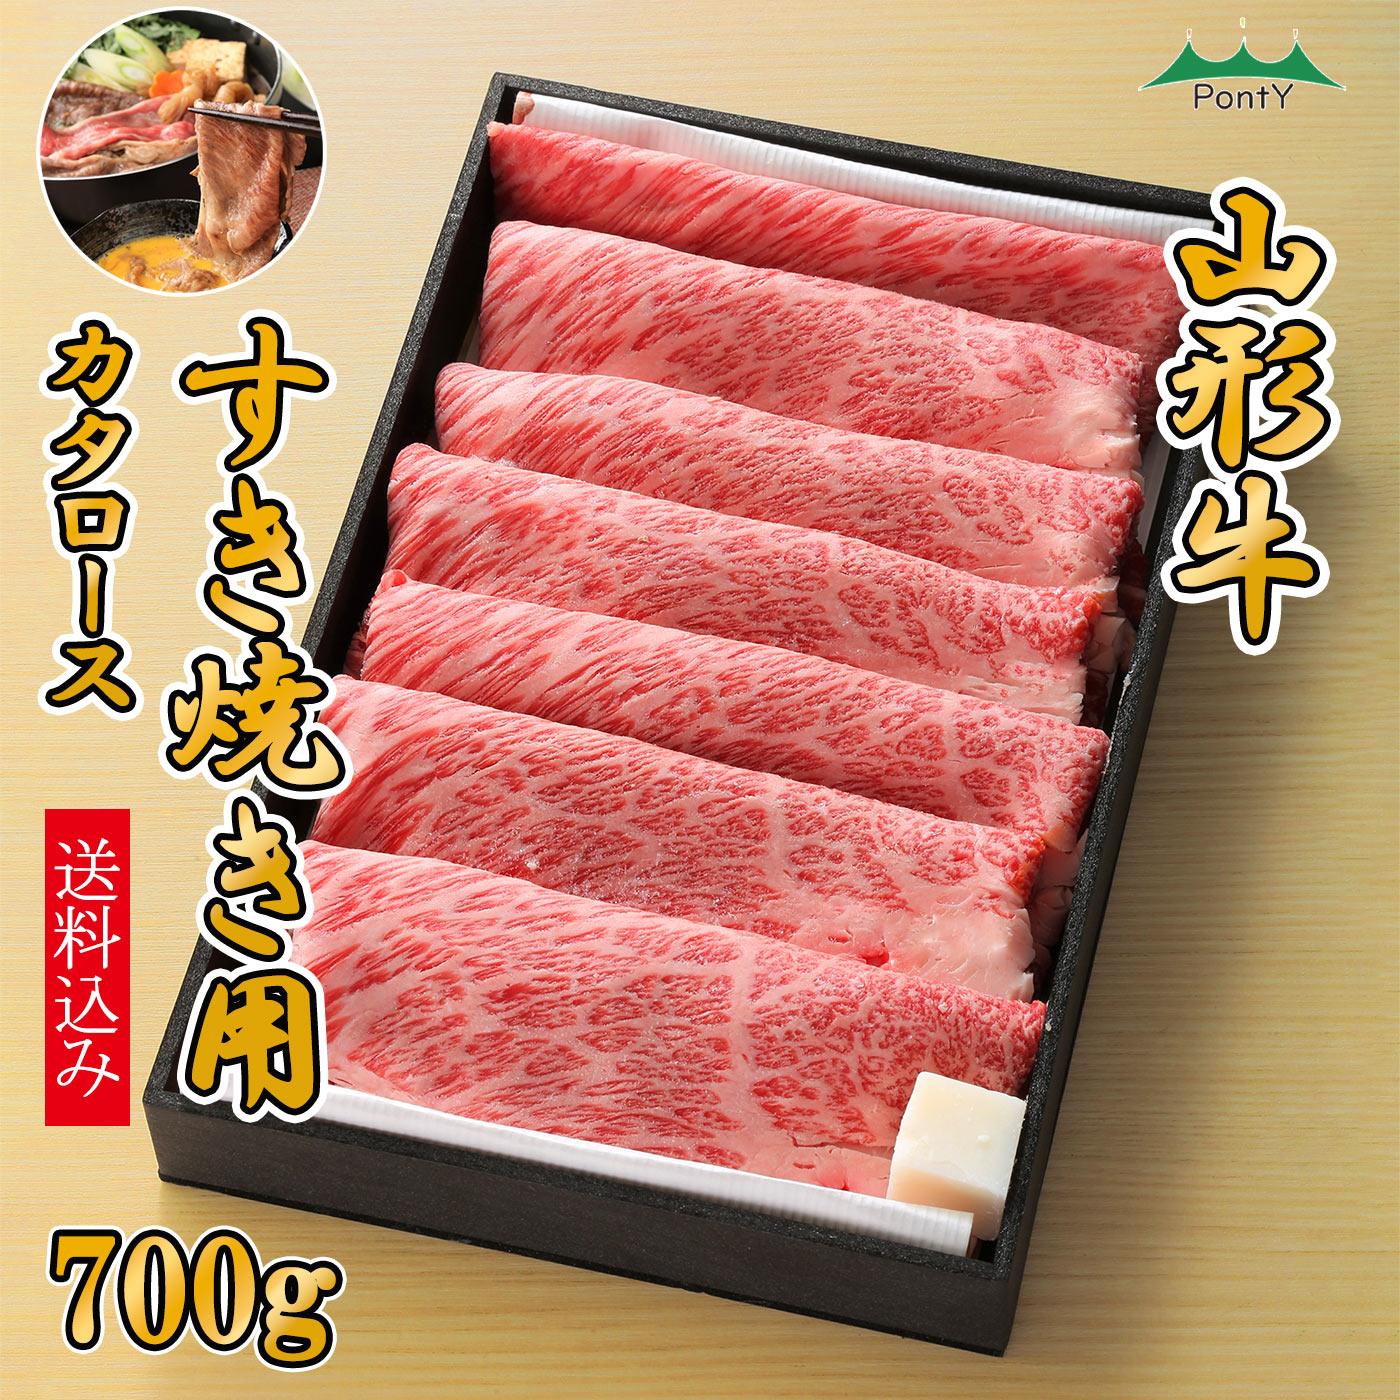 山形牛 カタロース すき焼き用【冷凍】700g